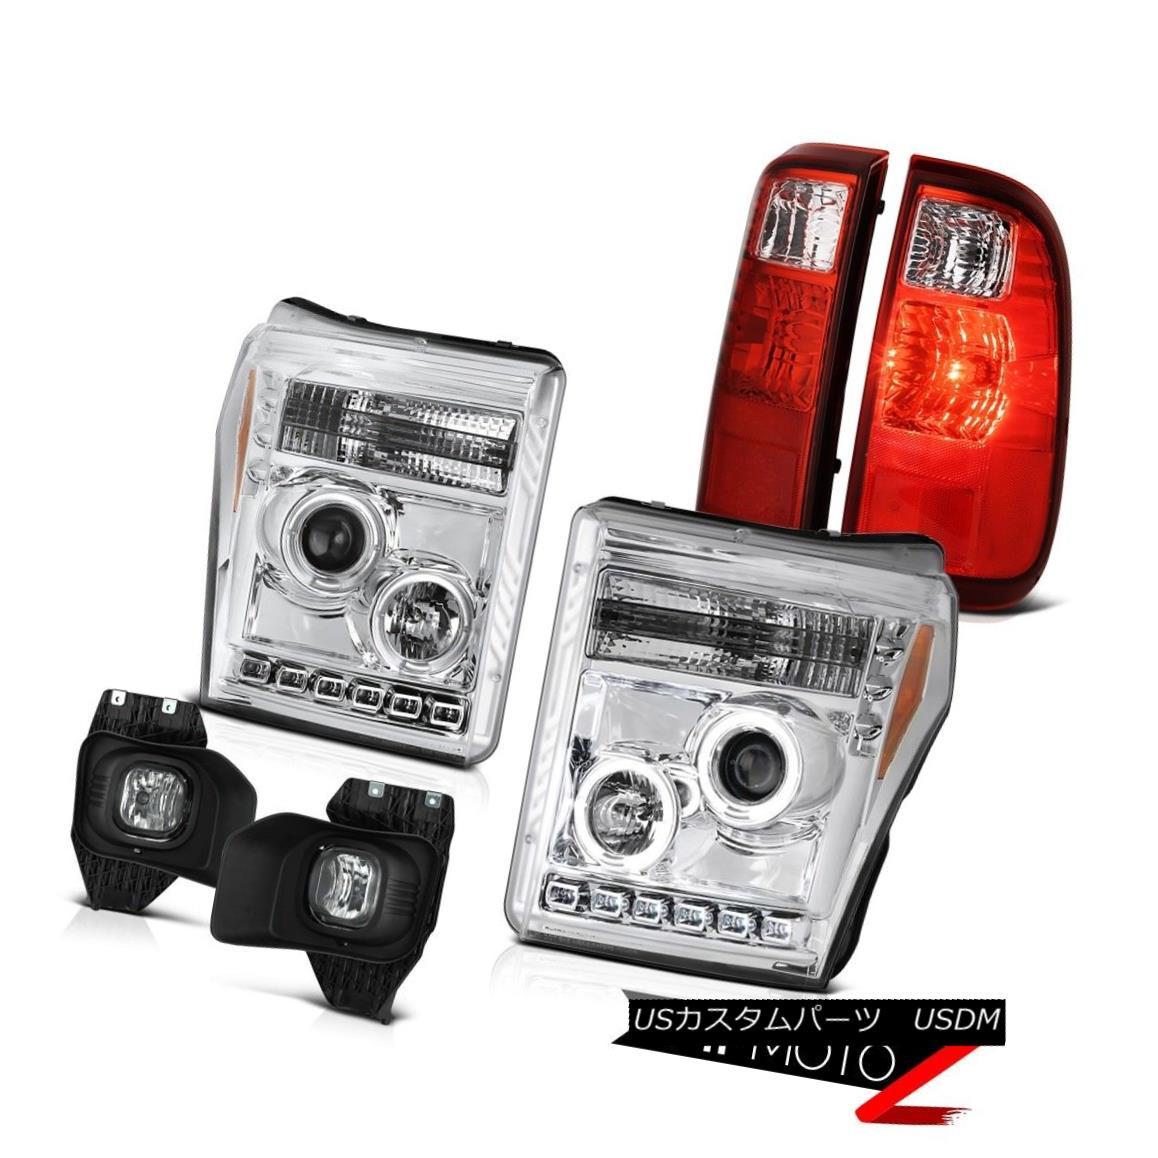 テールライト 2011-2016 Ford F350 Superduty Chrome Fog Lamps Red Taillamps Headlights Assembly 2011-2016 Ford F350 Superdutyクロームフォグランプ赤いタイルランプヘッドライトアセンブリ